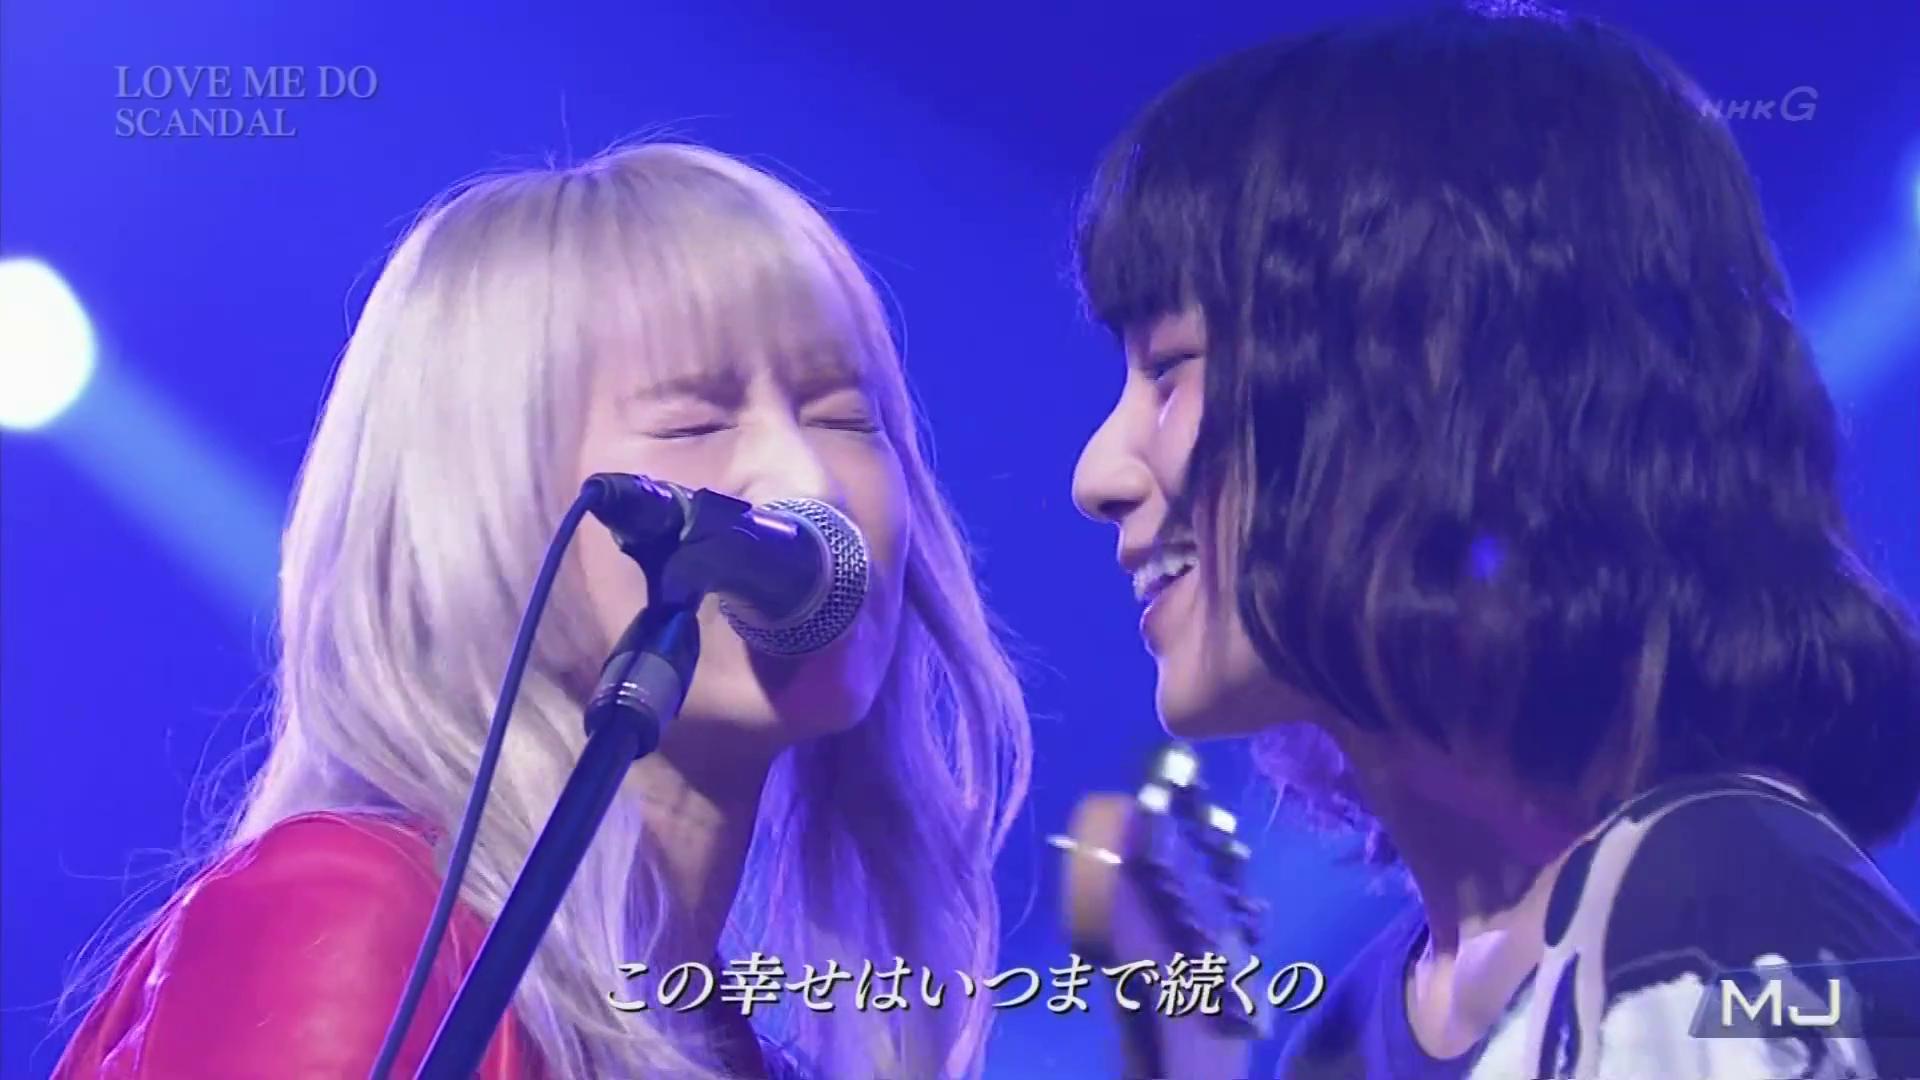 SCANDAL dans l'émission Music Japan